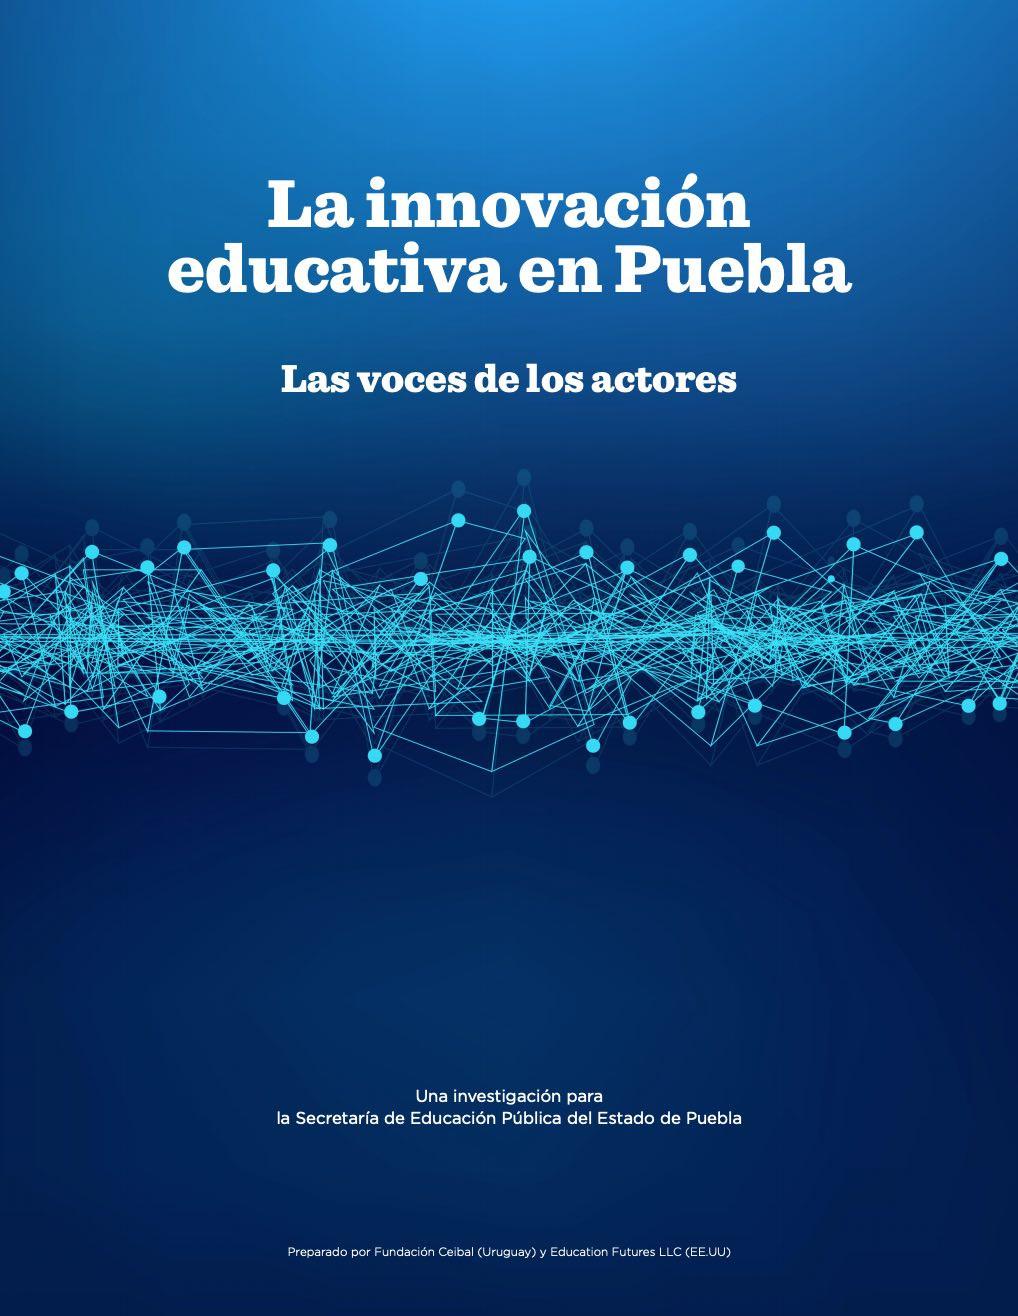 La innovación educative en Puebla